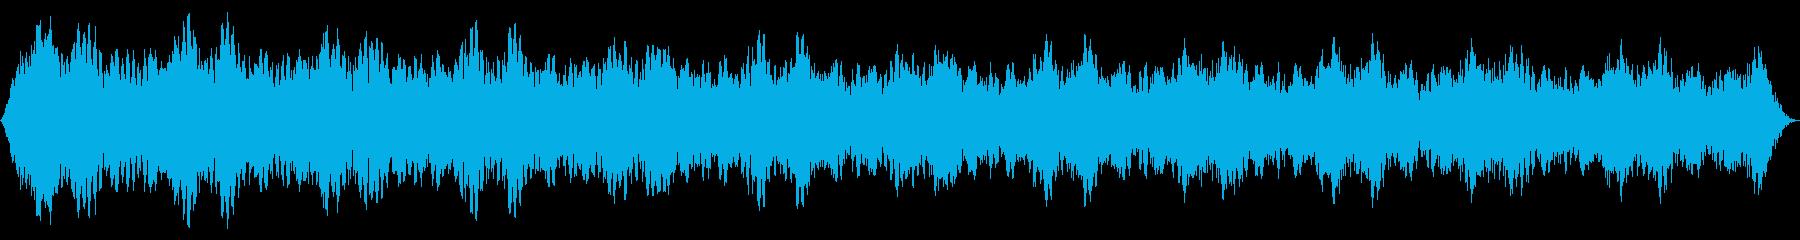 ソフトパルスシンセドローンの再生済みの波形